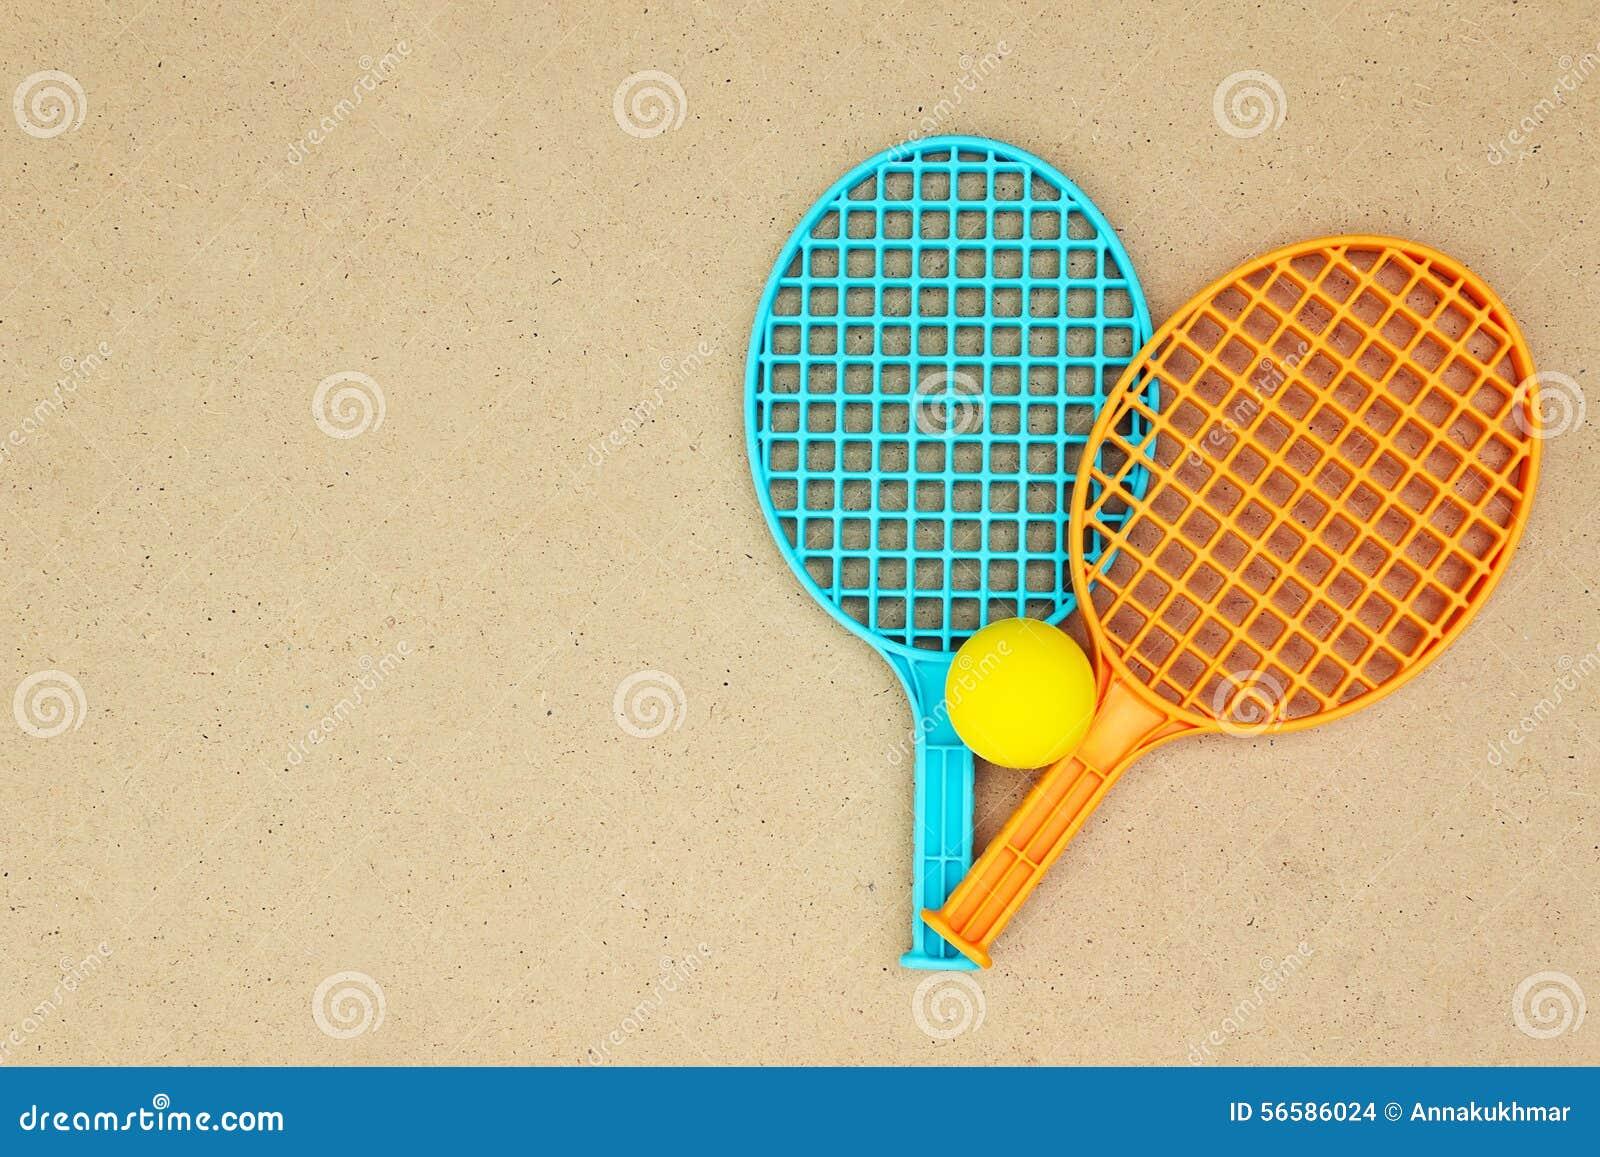 网球拍和球在桌上